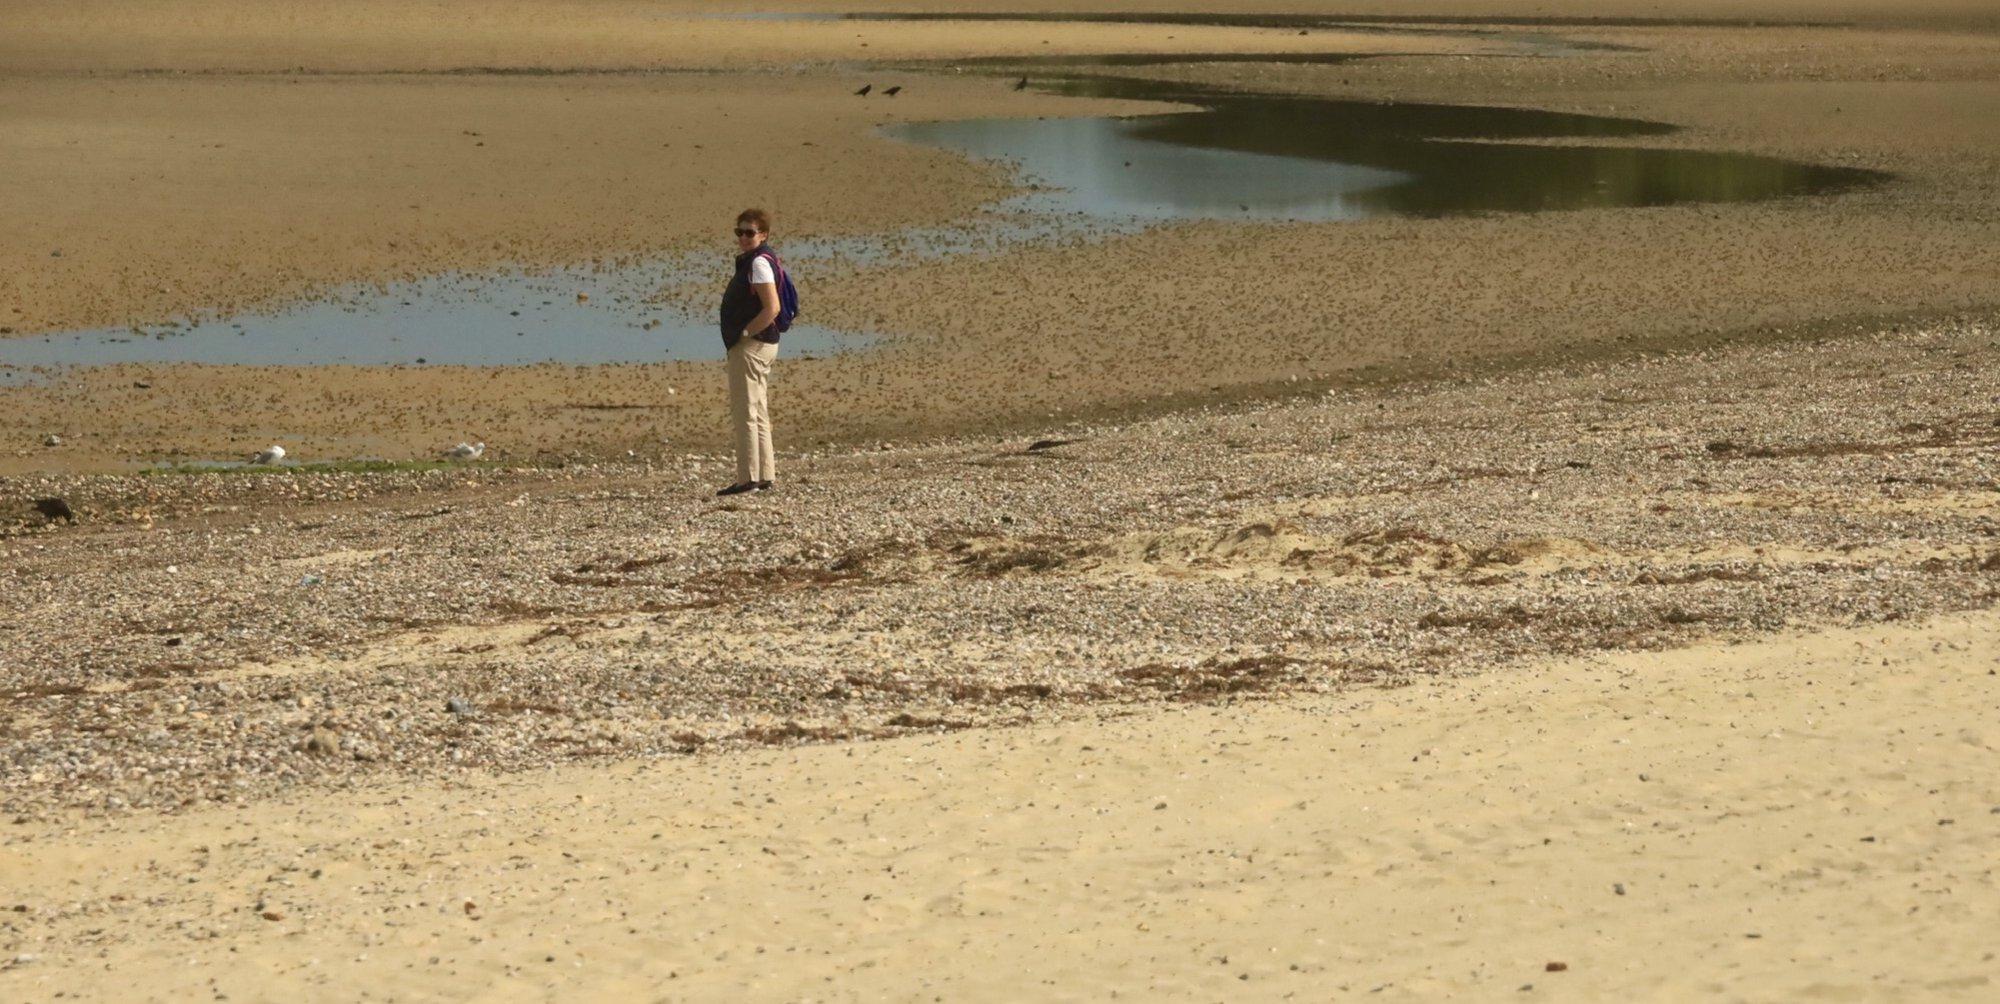 Contemplation Beach